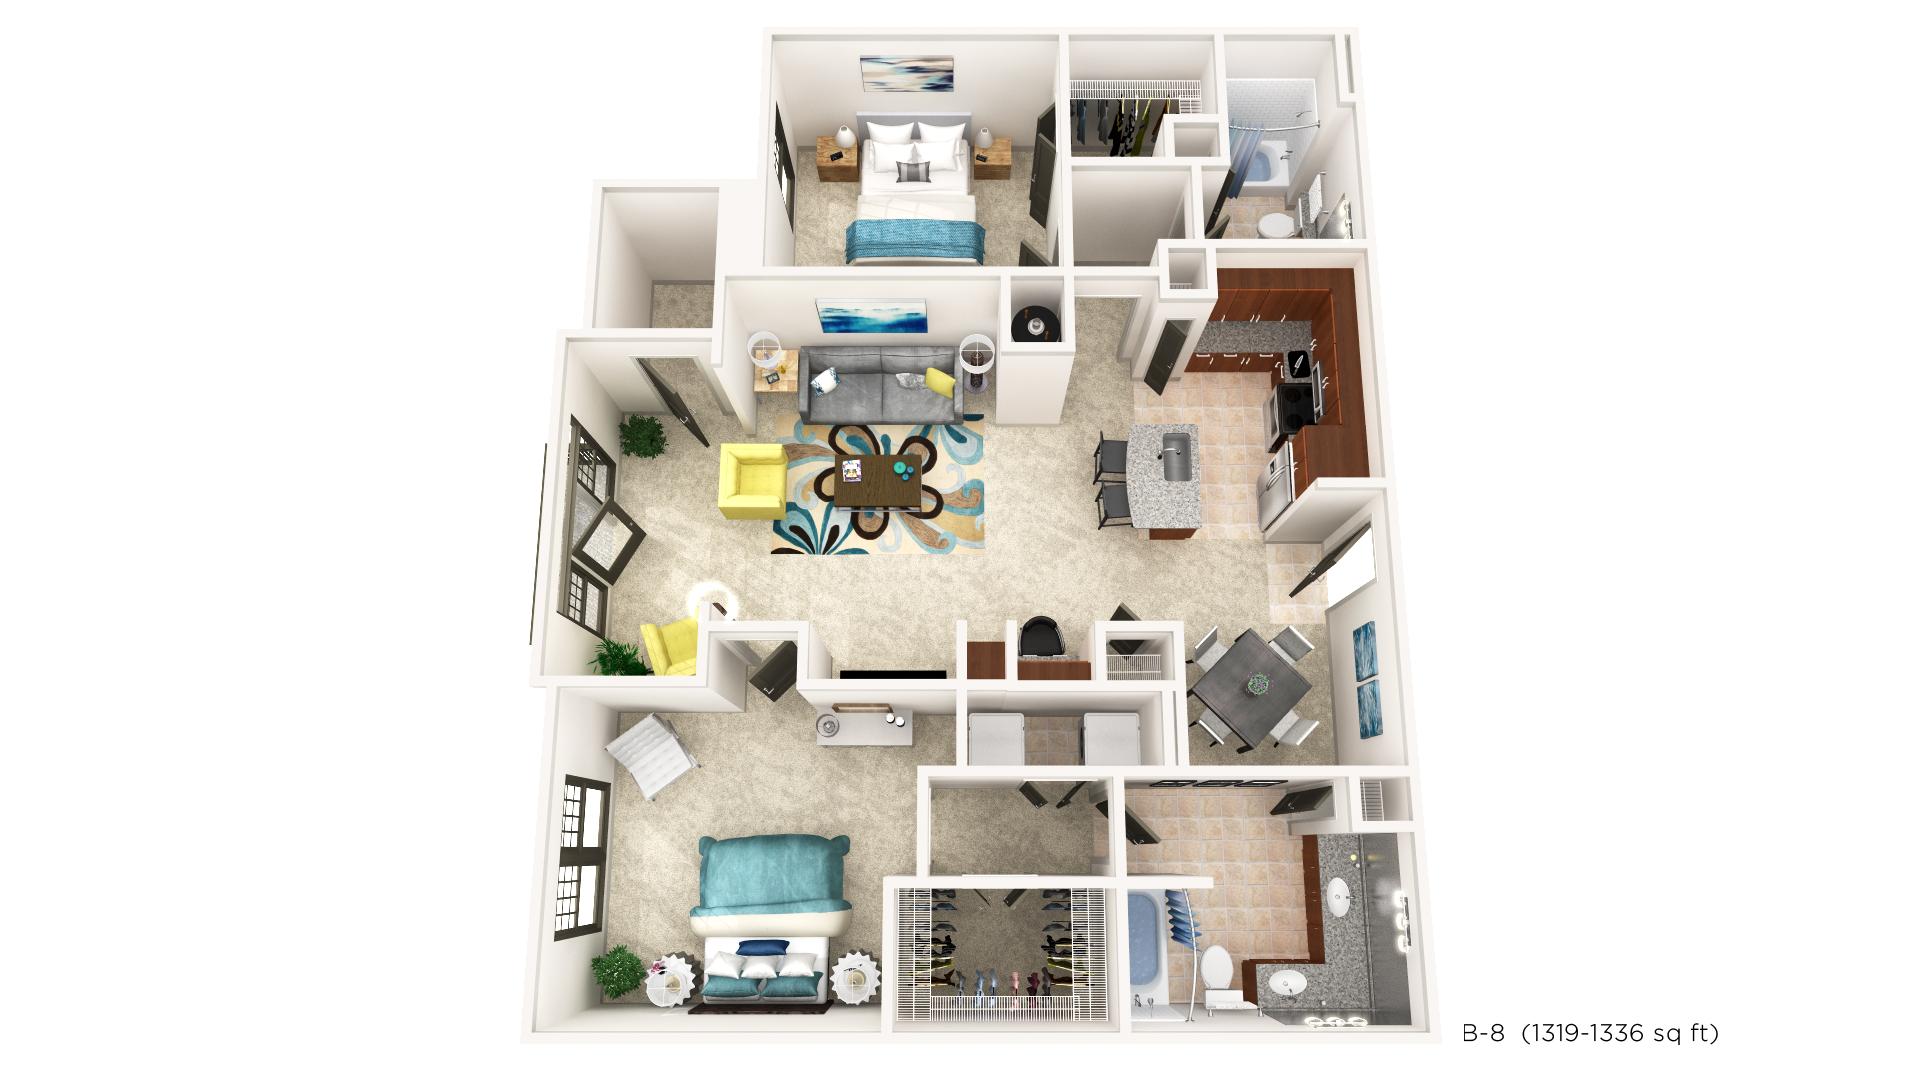 Floorplan - B-8 image